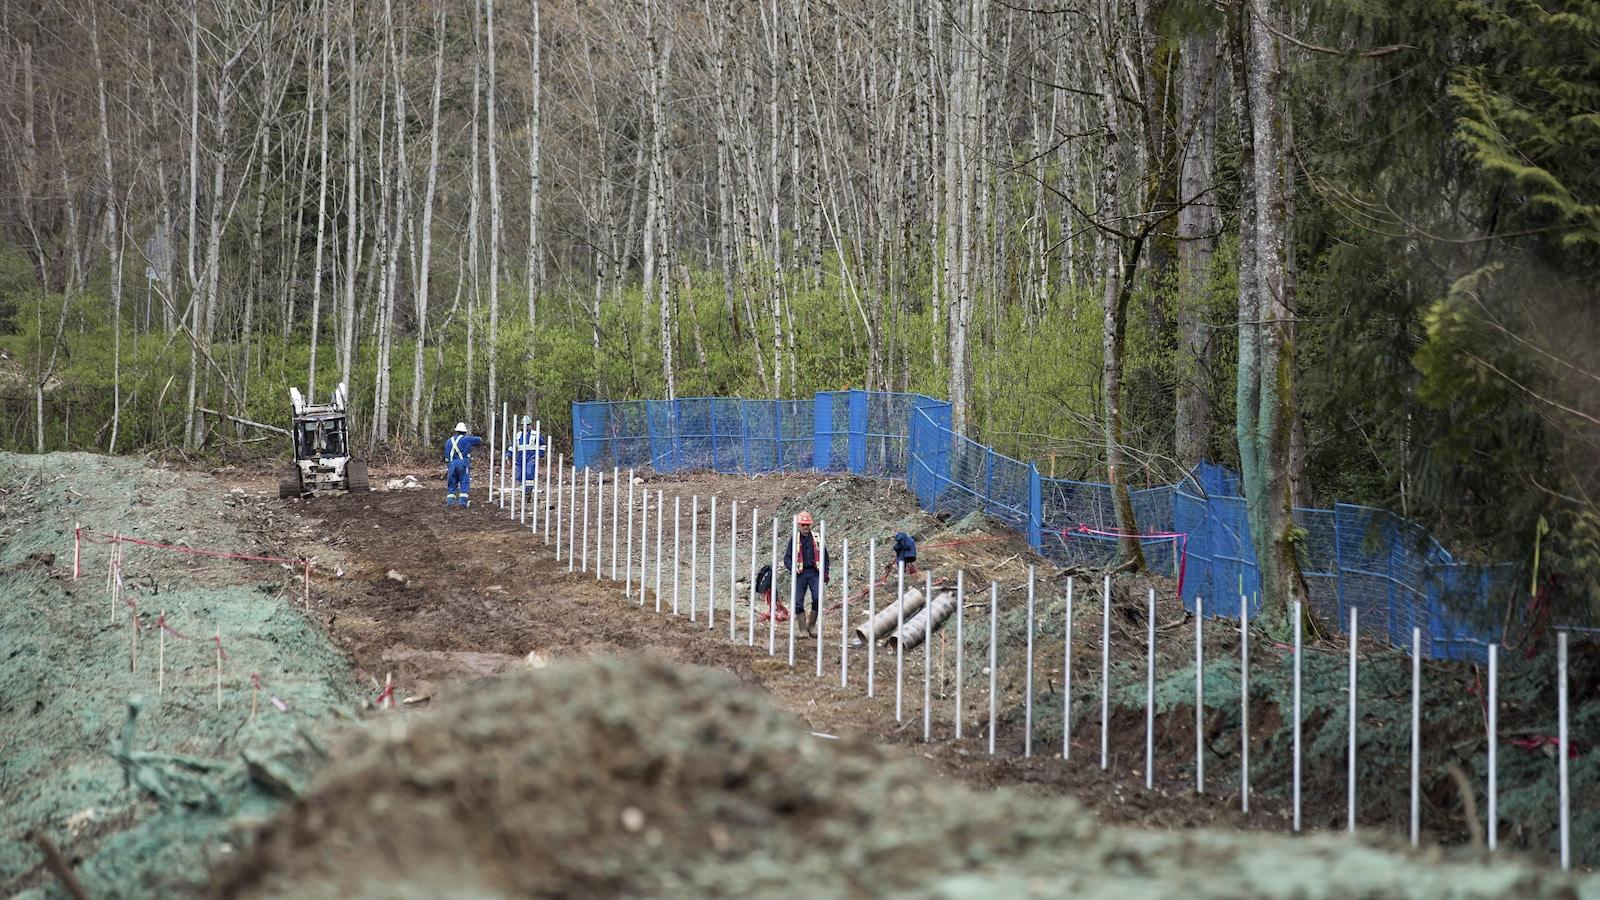 Une clôture est aménagée dans un secteur boisé.